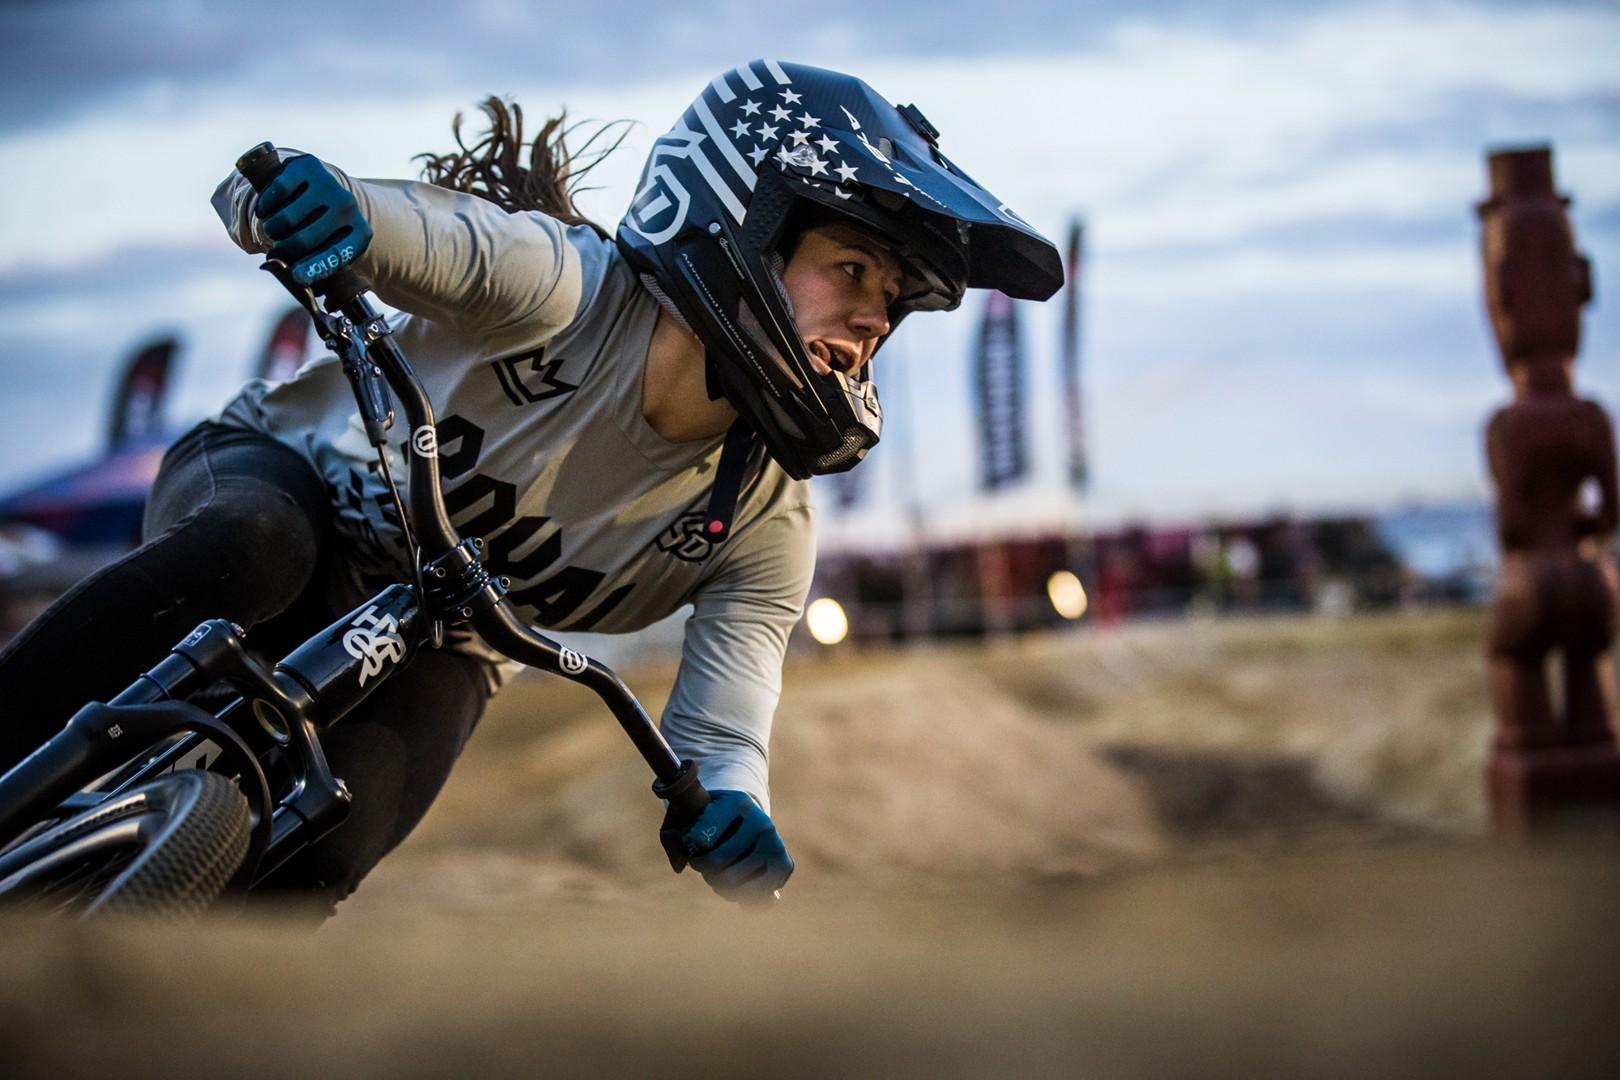 SGO Mountain Bike Skills Development with Jordy Scott